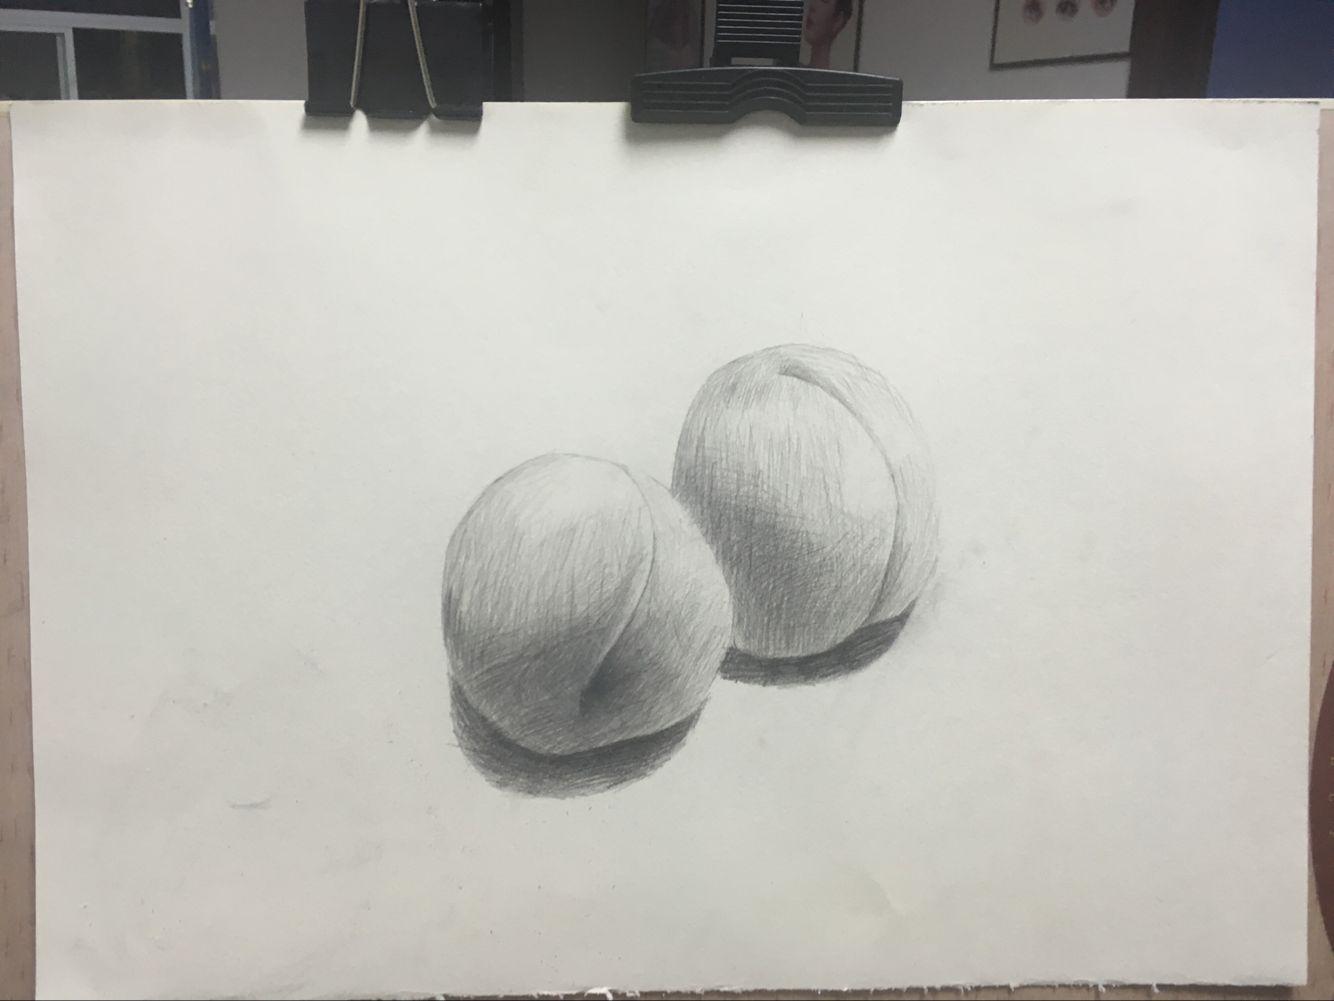 桃子-素描图集